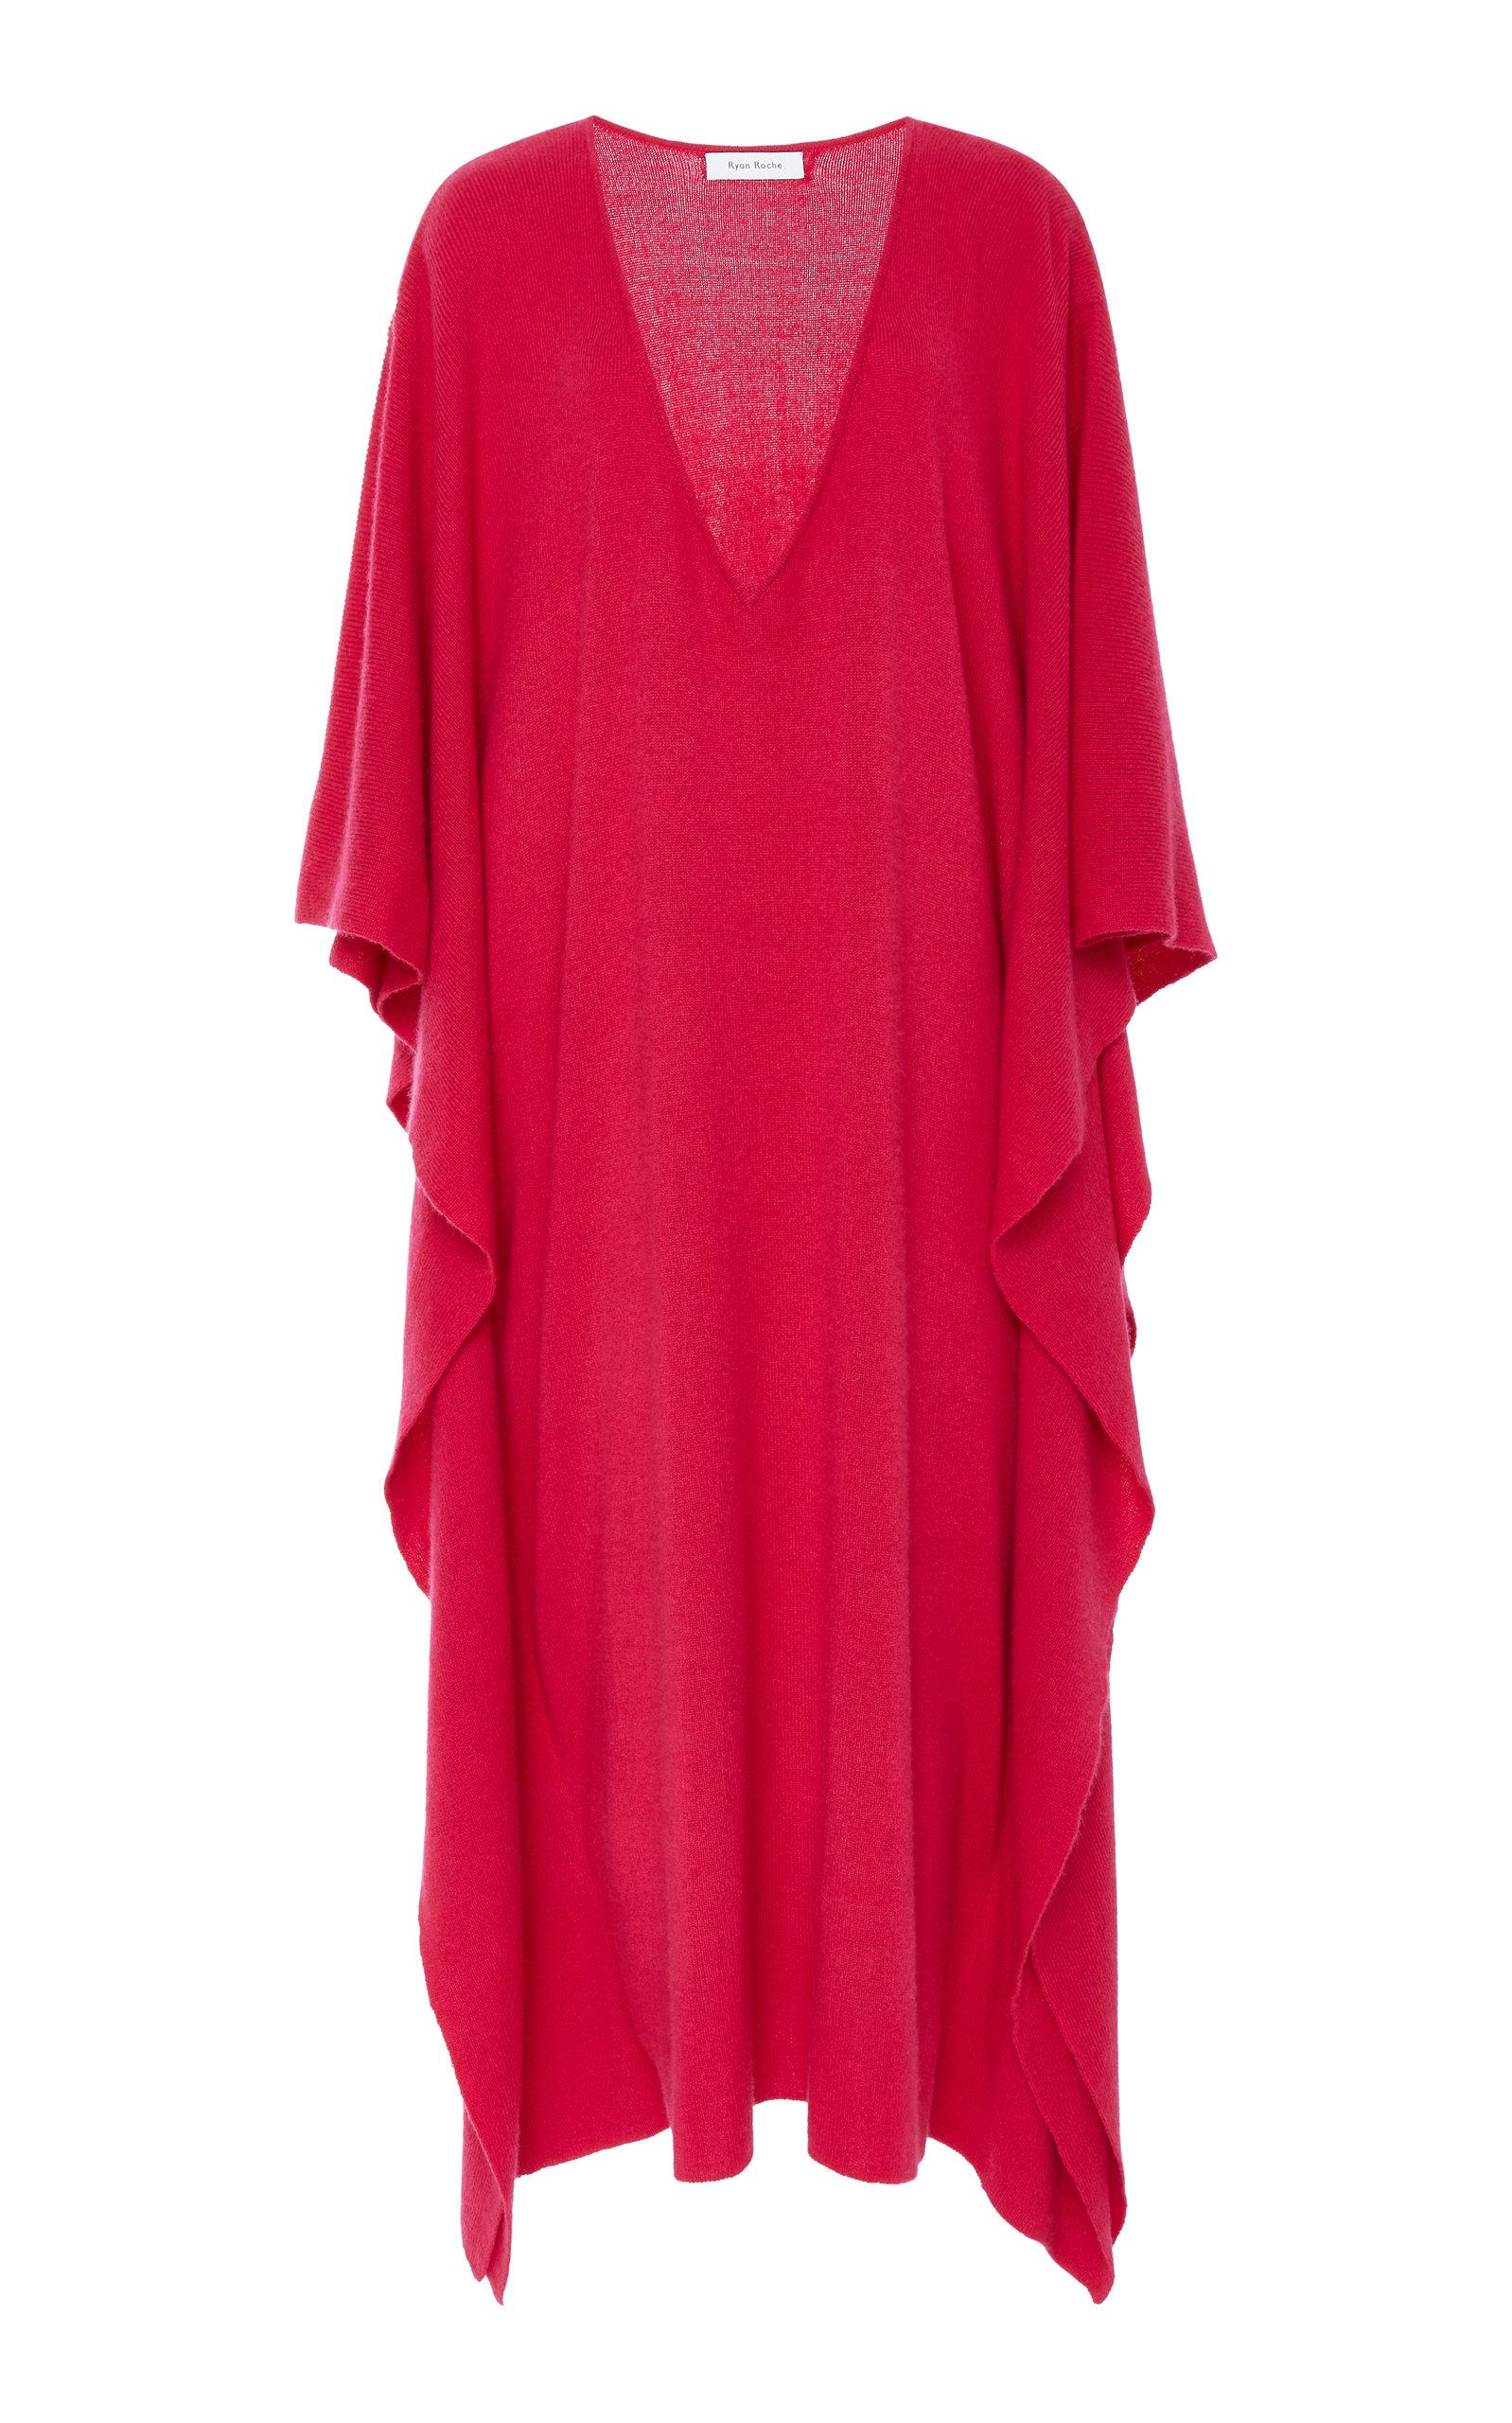 Heavy Knit Shawl V-Neck Dress Ryan Roche FI5eZiPi4